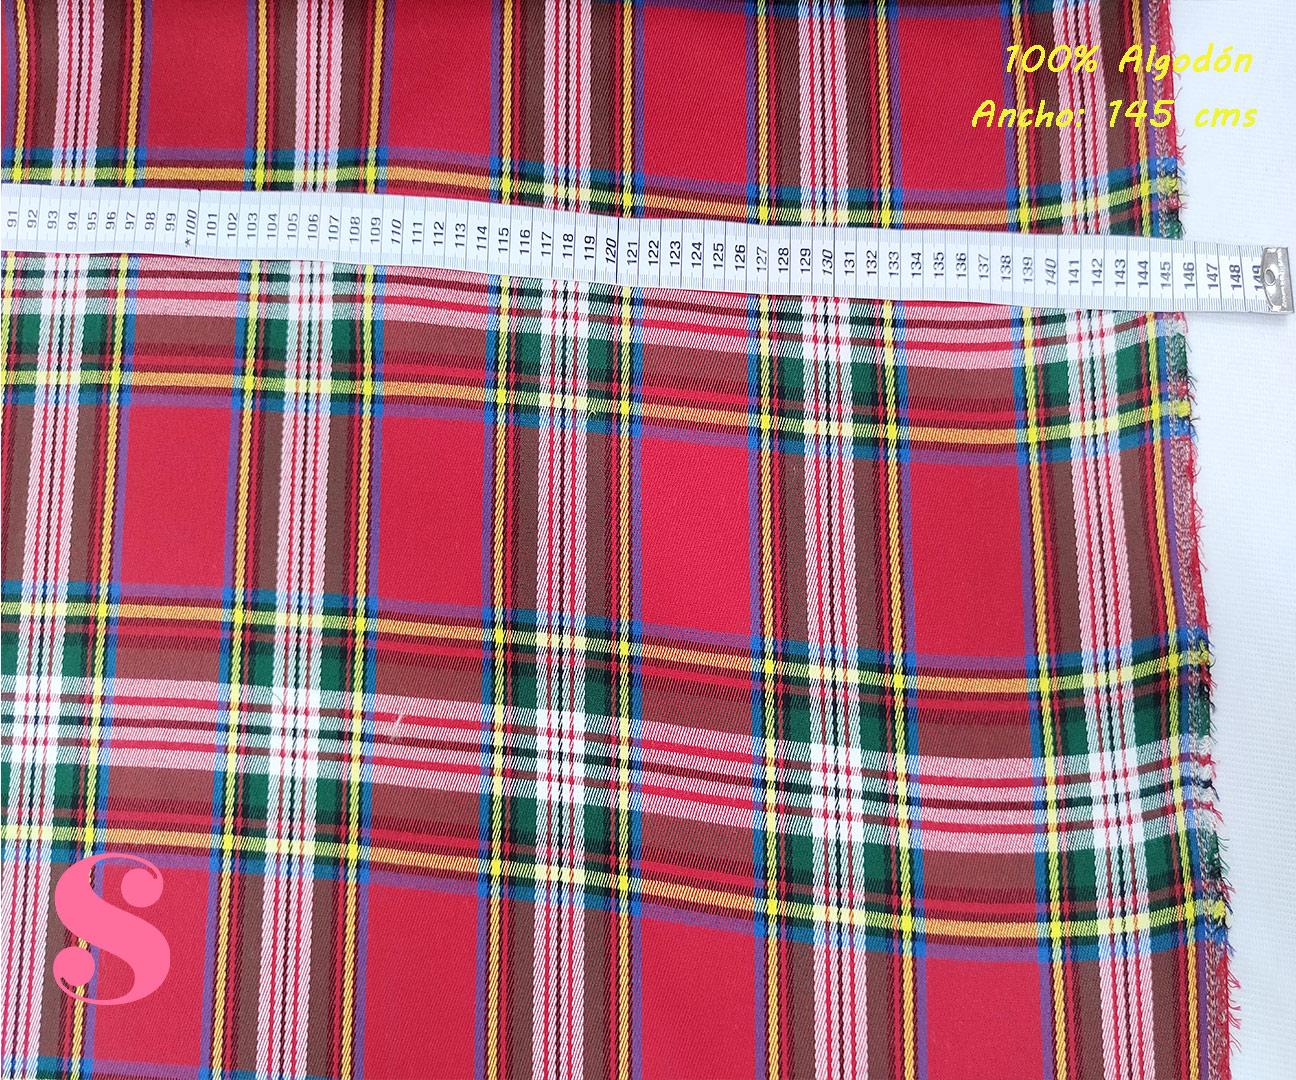 490-cuadros-colegio-tejidos-algodón-estampado-percal,Tejido Estampado Cuadros Colegial Rojo